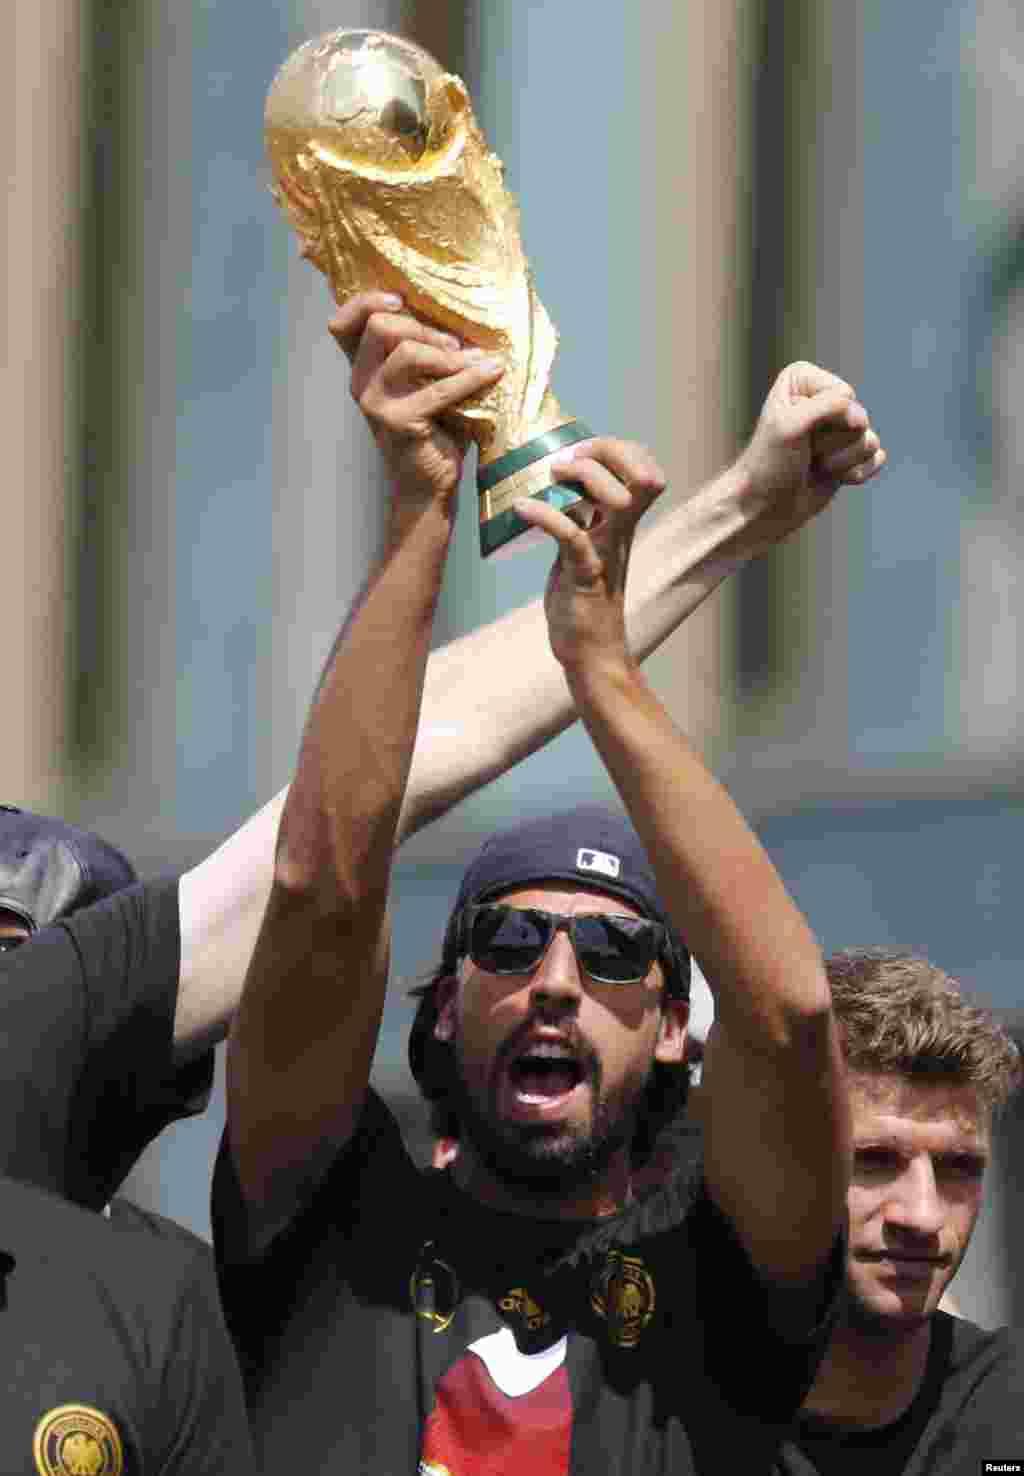 Pemain tim sepakbola nasional Jerman Sami Khedira mengangkat Piala Dunia di panggung dalam perayaan kemenangan mereka di Piala Dunia Brazil 2014, di tempat nobar Fan Mile di Berlin, 15 Juli 2014.